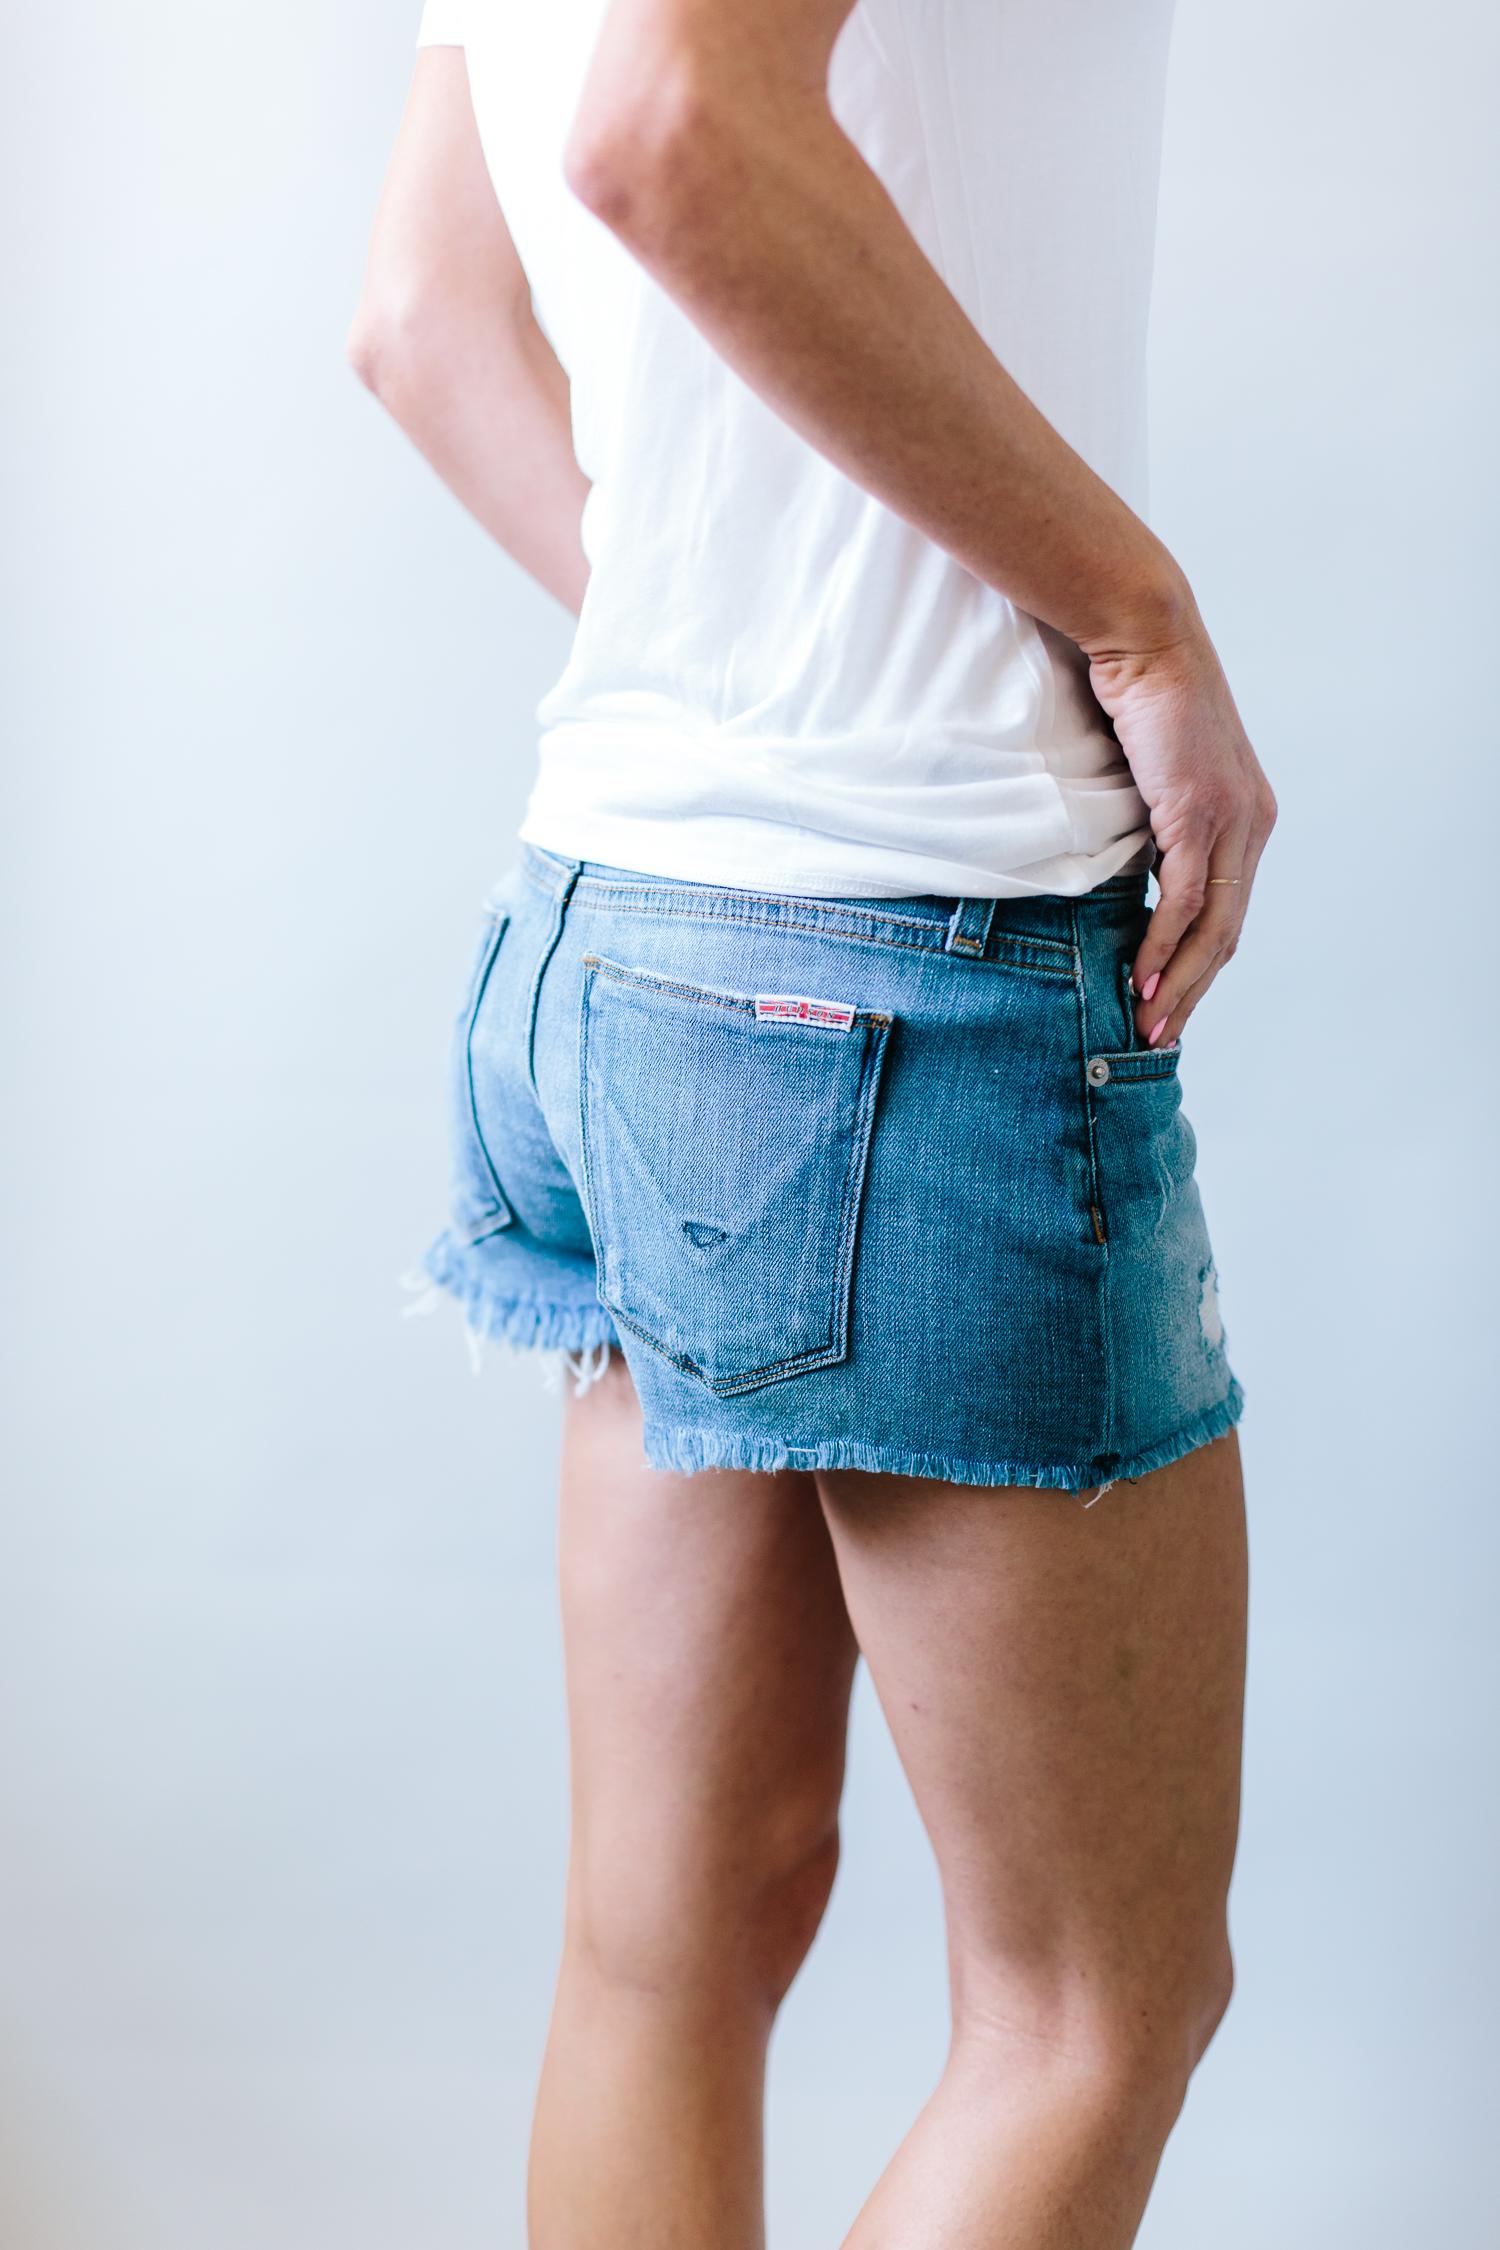 denim cutoff's, denim shorts, denim shorts review, summer shorts